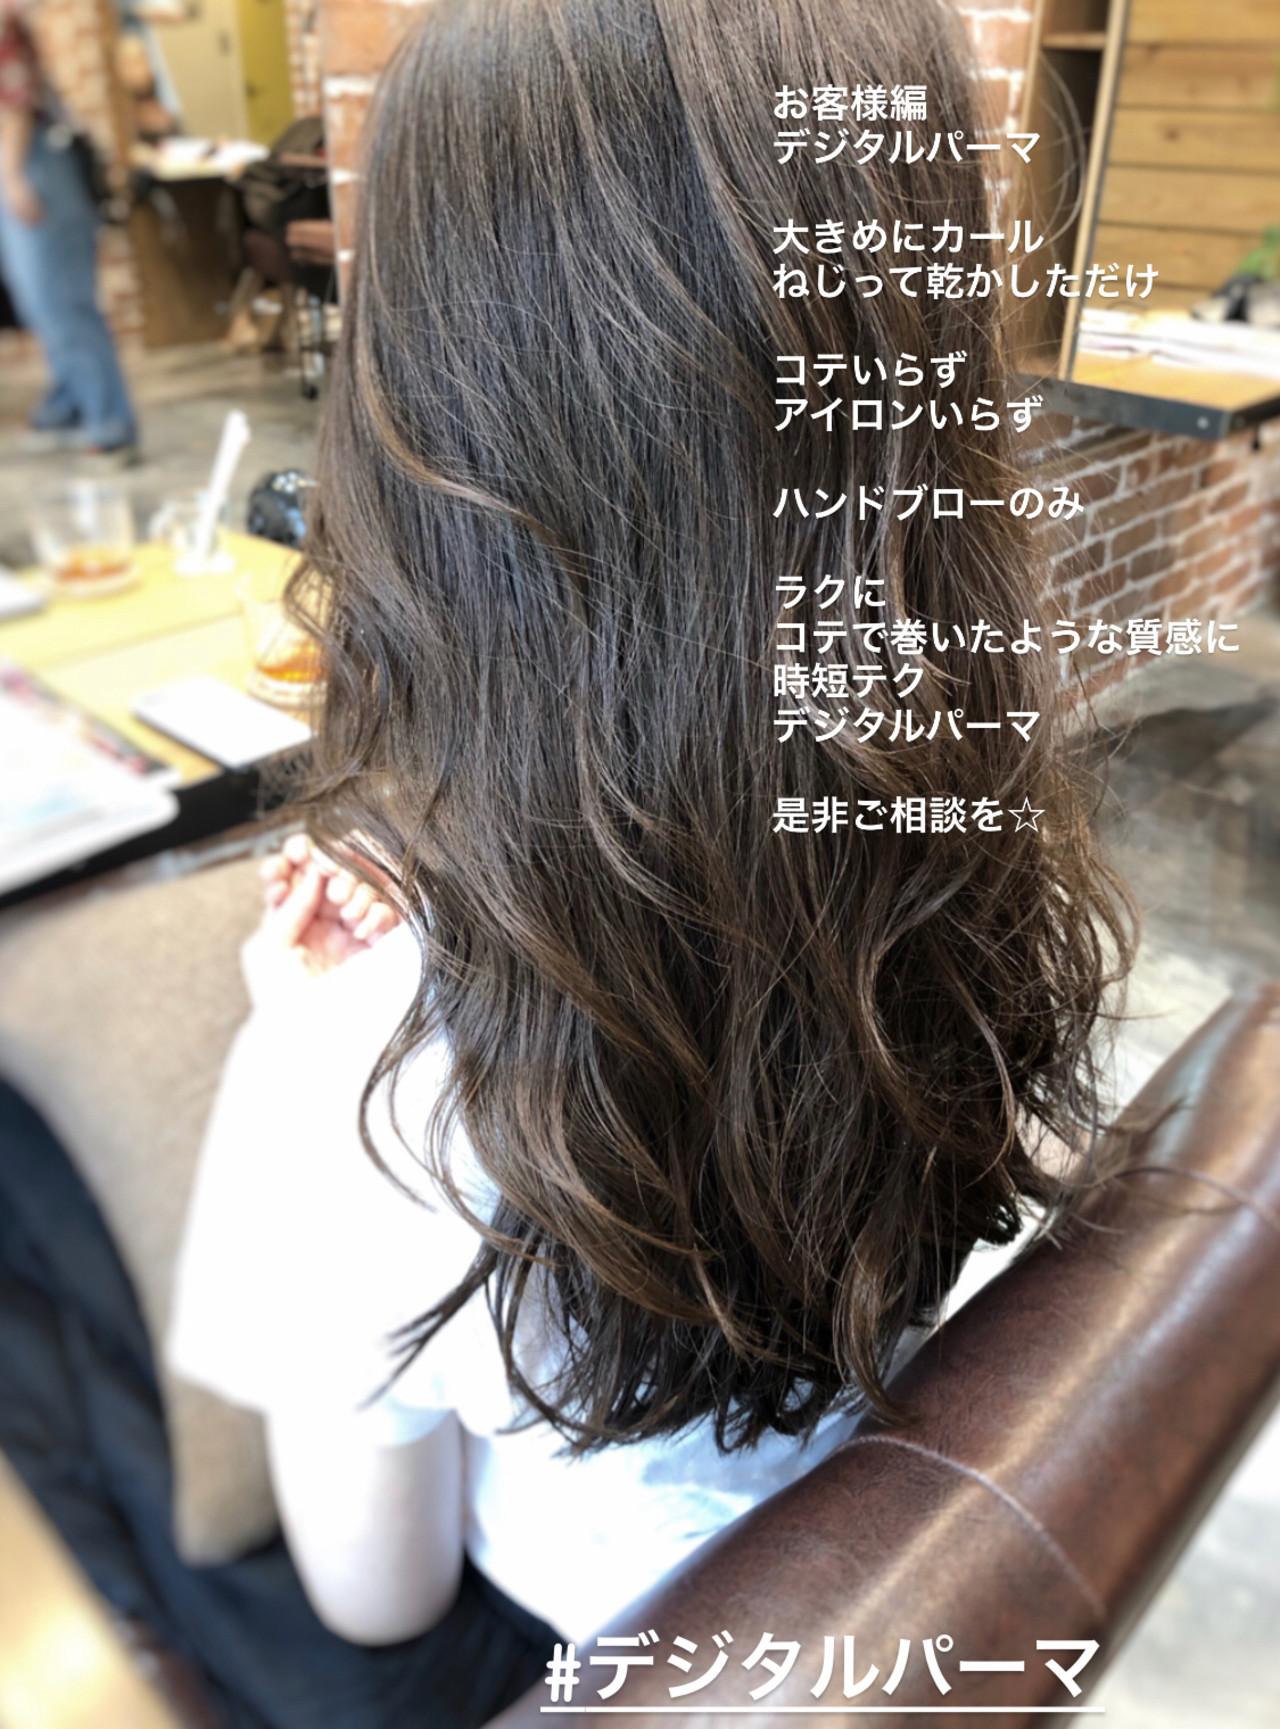 アンニュイほつれヘア グレージュ パーマ ナチュラル ヘアスタイルや髪型の写真・画像